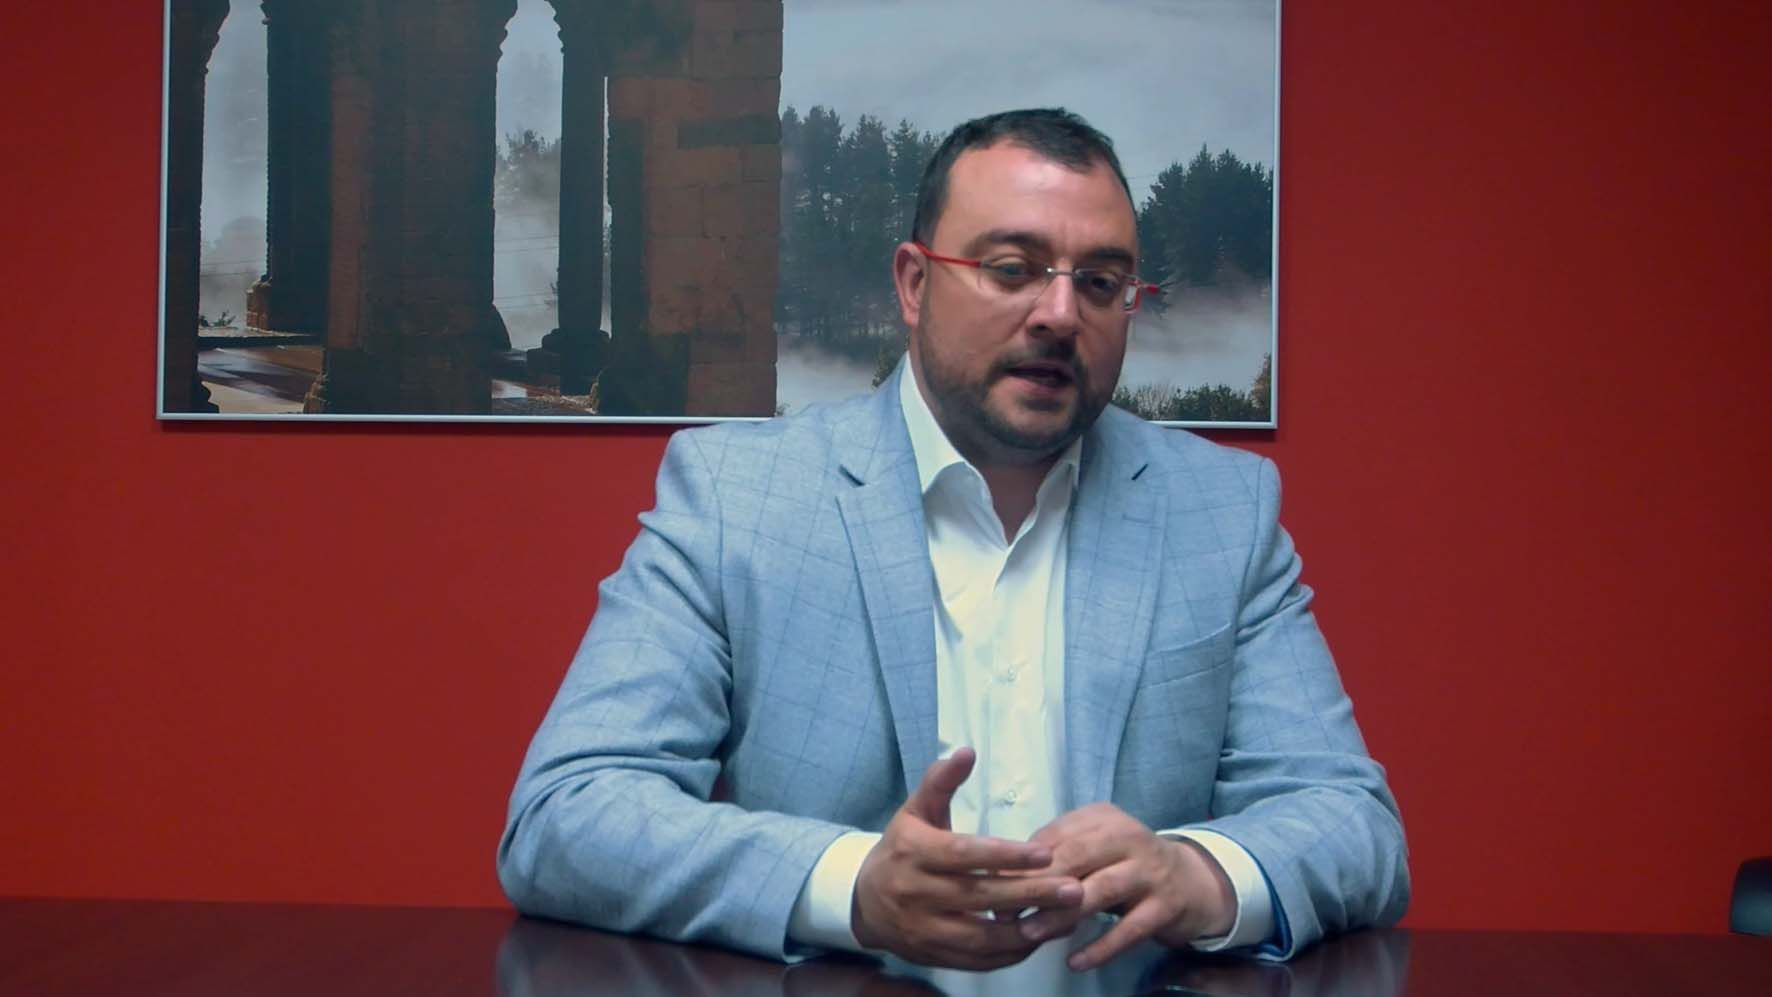 Entrevista a Adrián Barbón, candidato del PSOE.Carmen Arbesú, del PSOE de Langreo